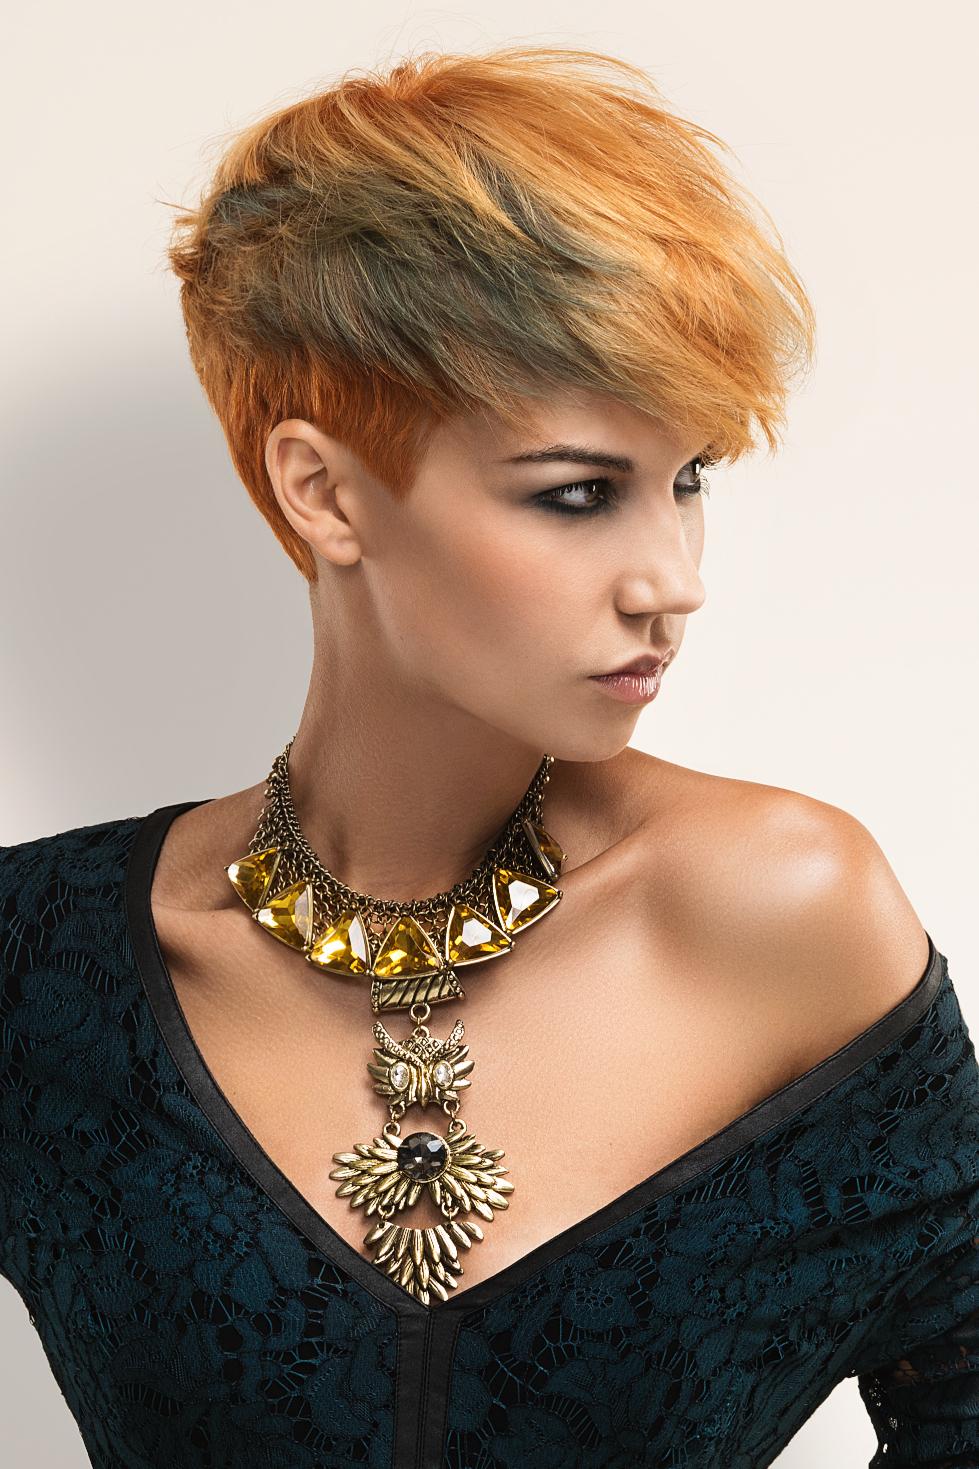 nieuwe haarmodelijn 2016